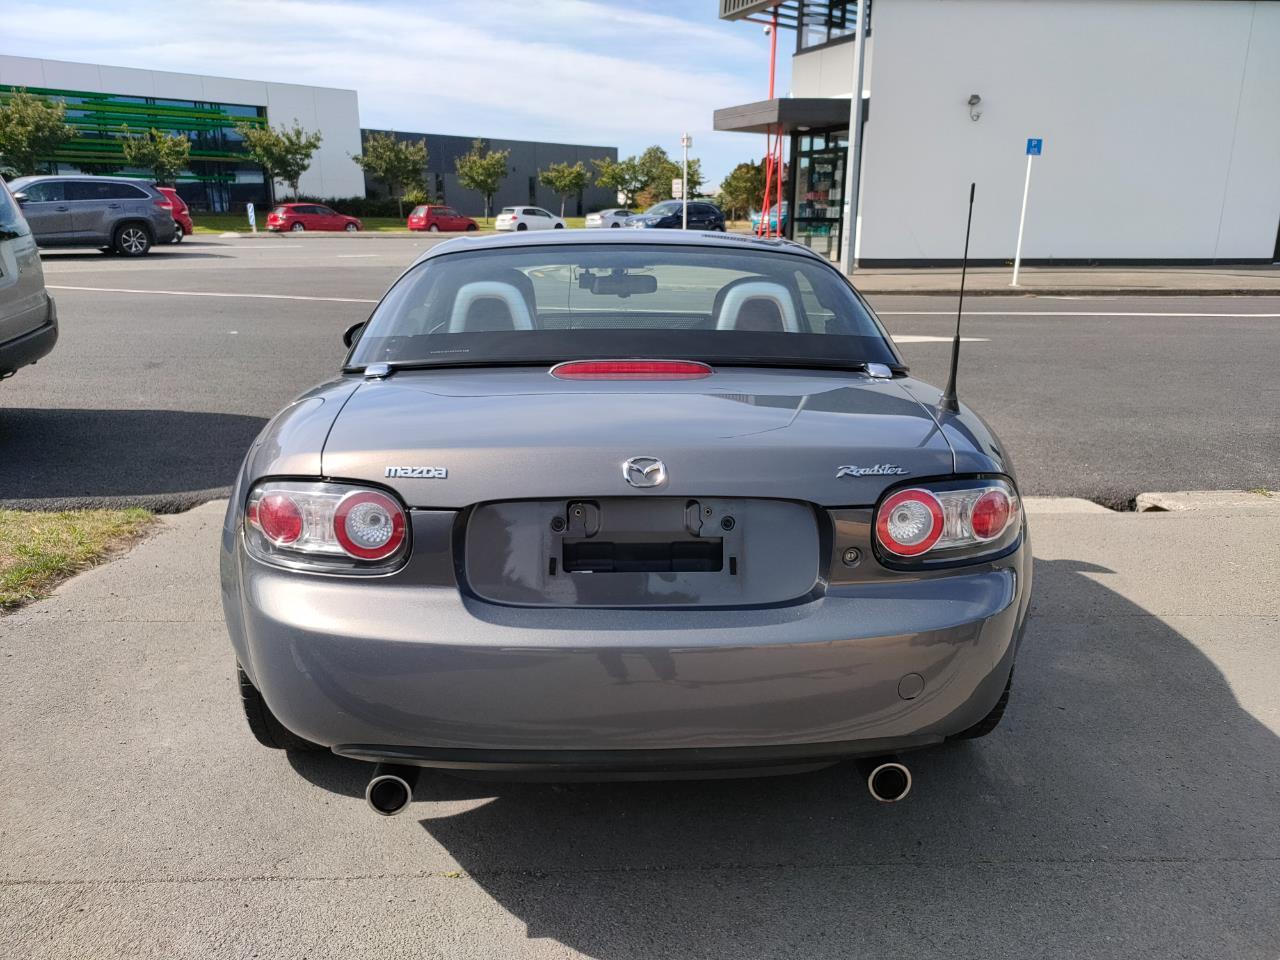 image-3, 2006 Mazda Roadster at Christchurch